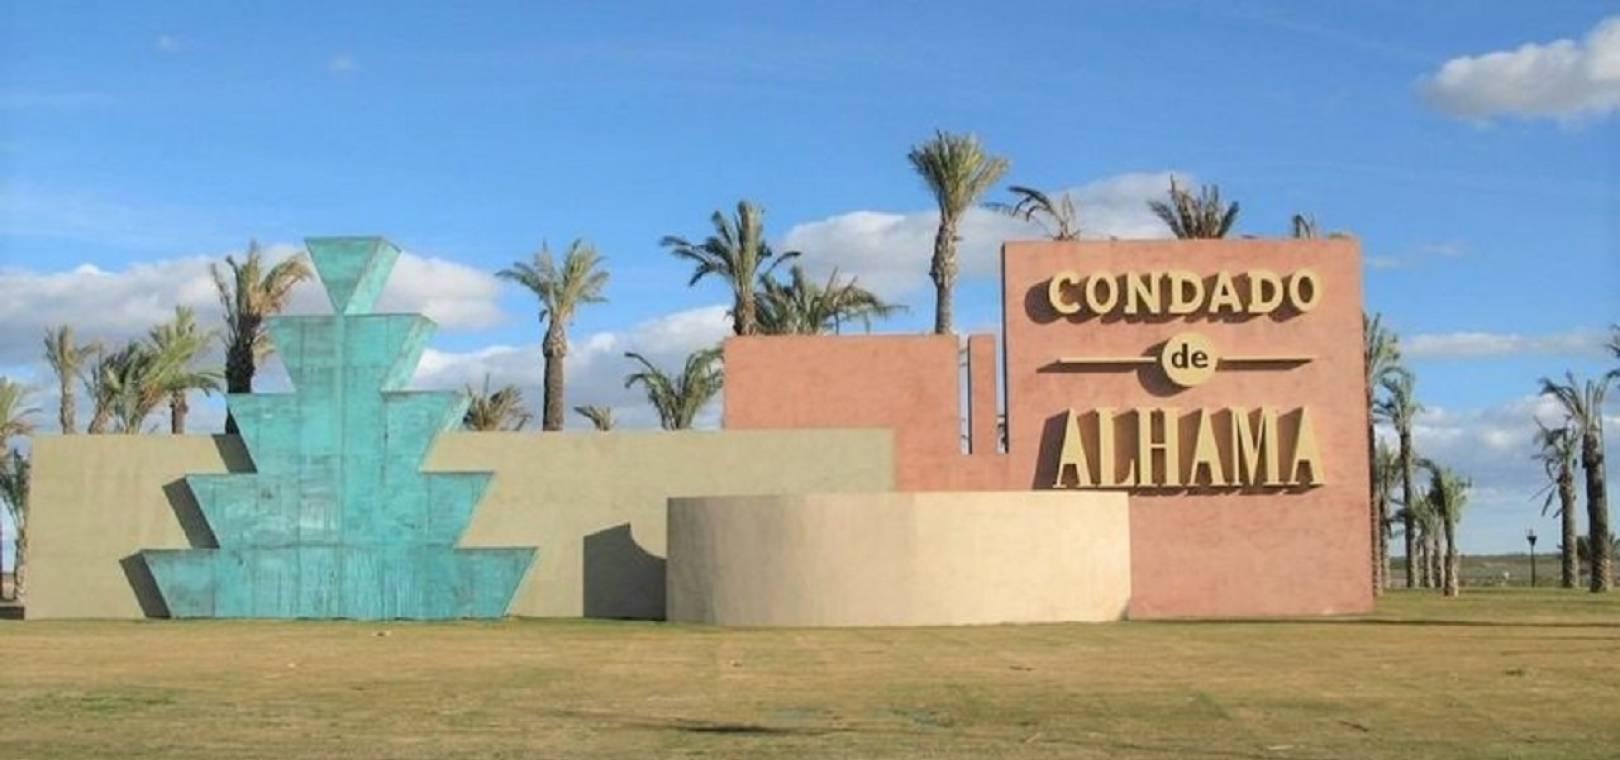 Außerplanmäßig - Villa - Condado de Alhama